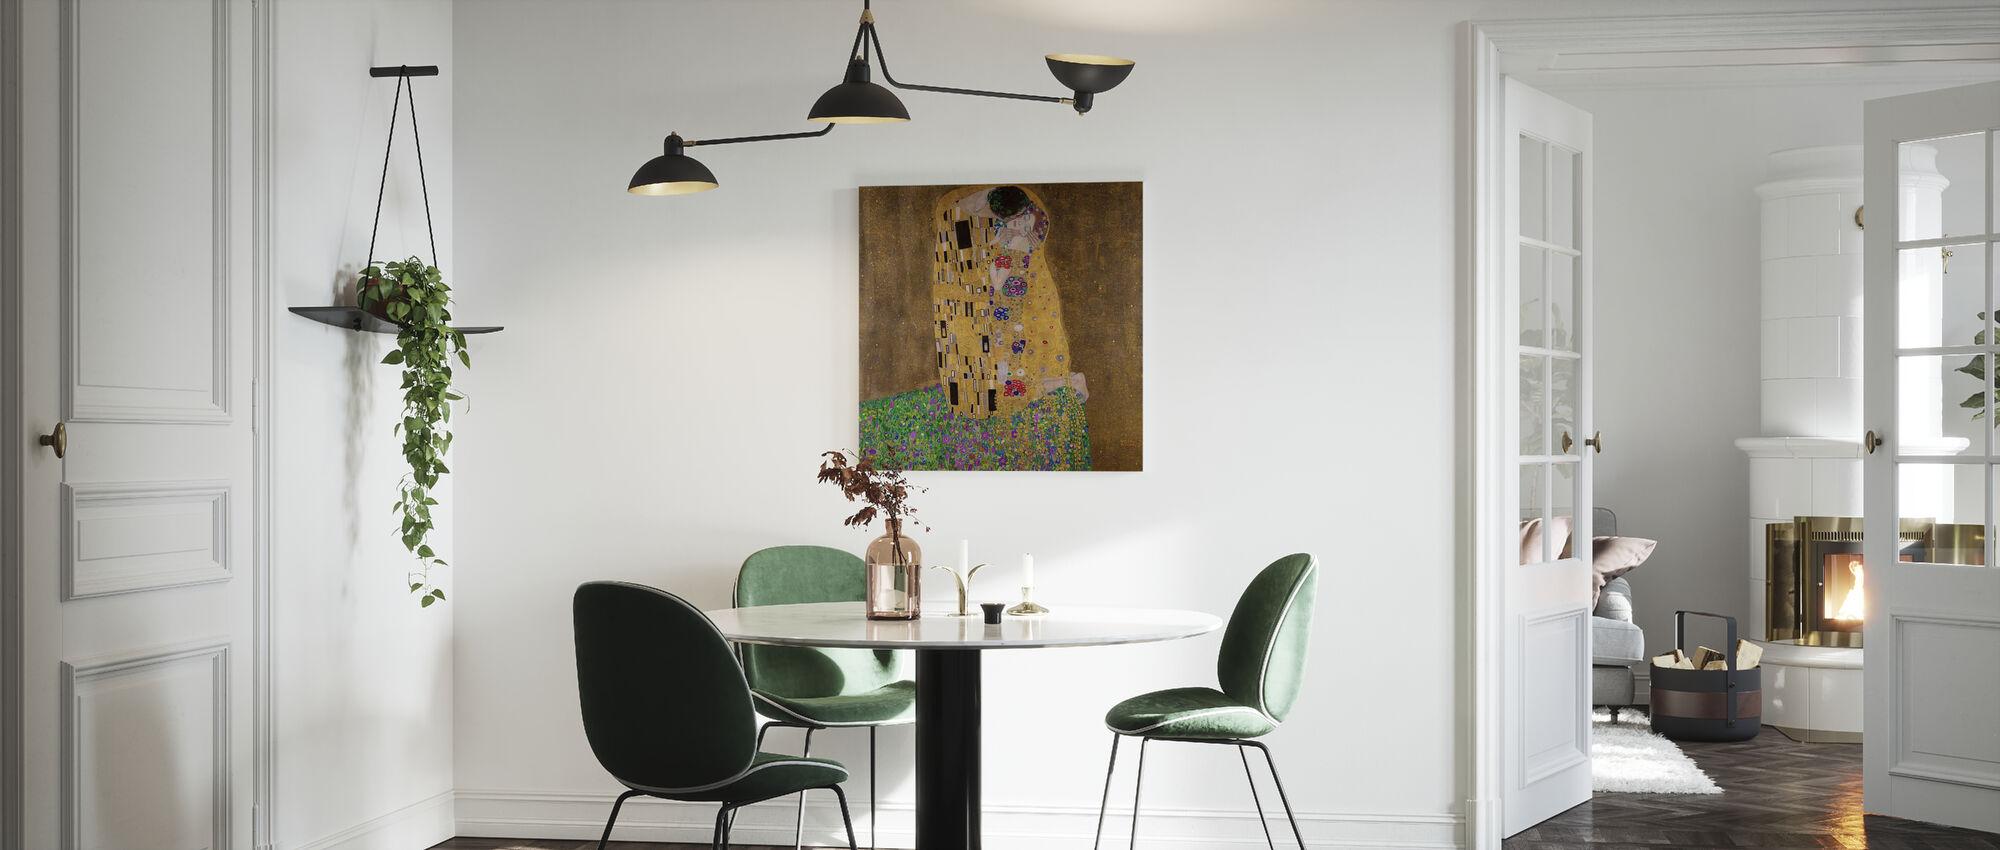 The Kiss, Gustav Klimt - Canvas print - Kitchen